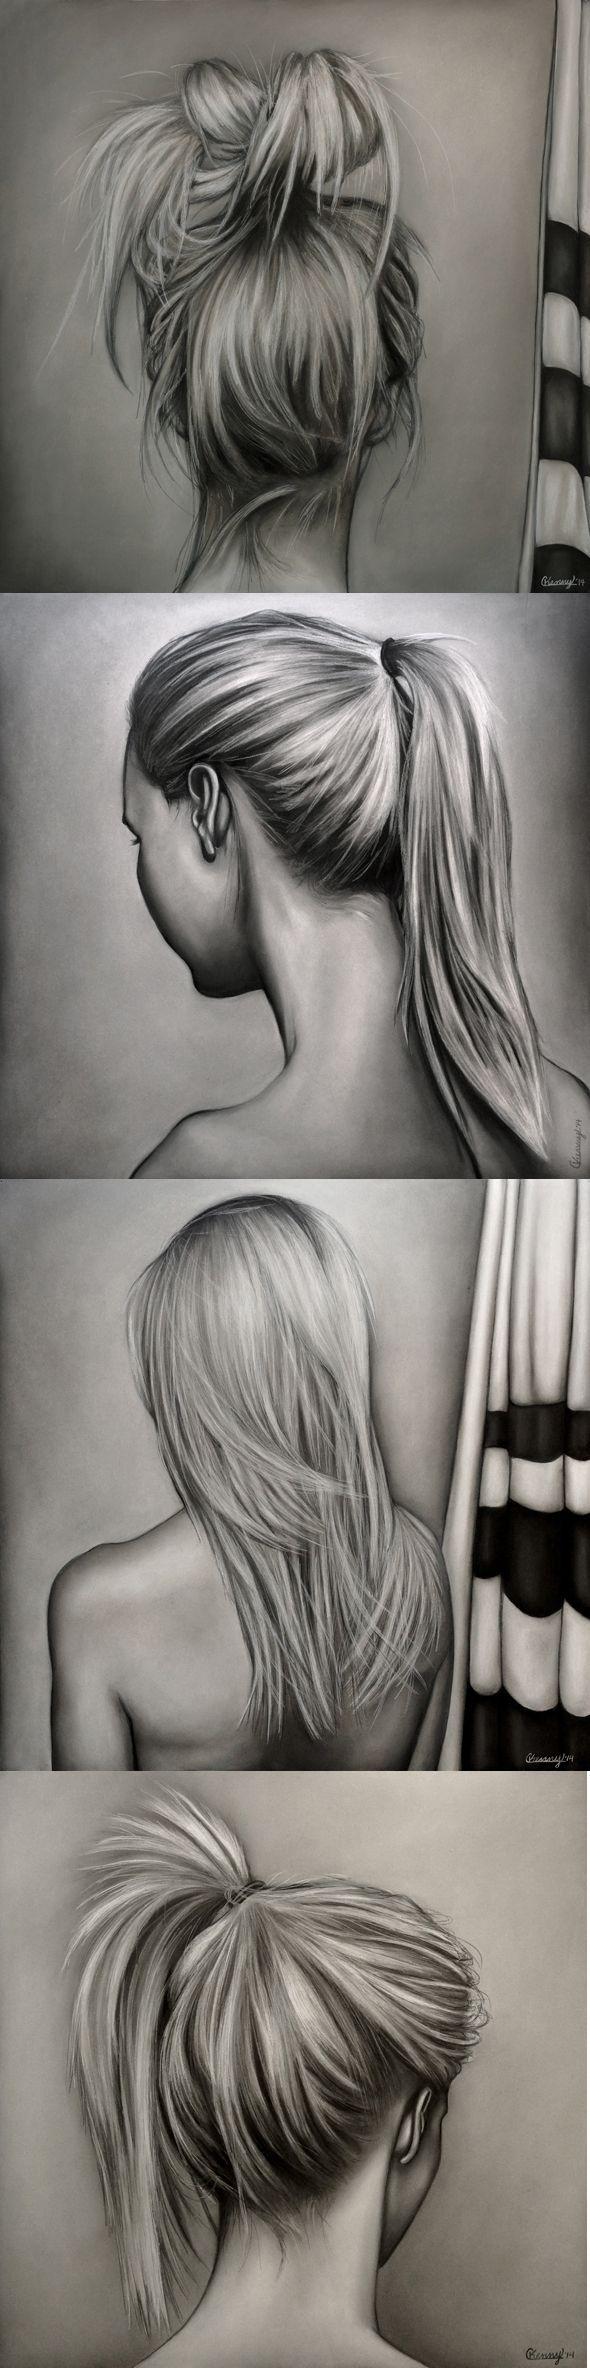 Exemplo de preenchimento de cabelo. Trabalho de desenho retrato.